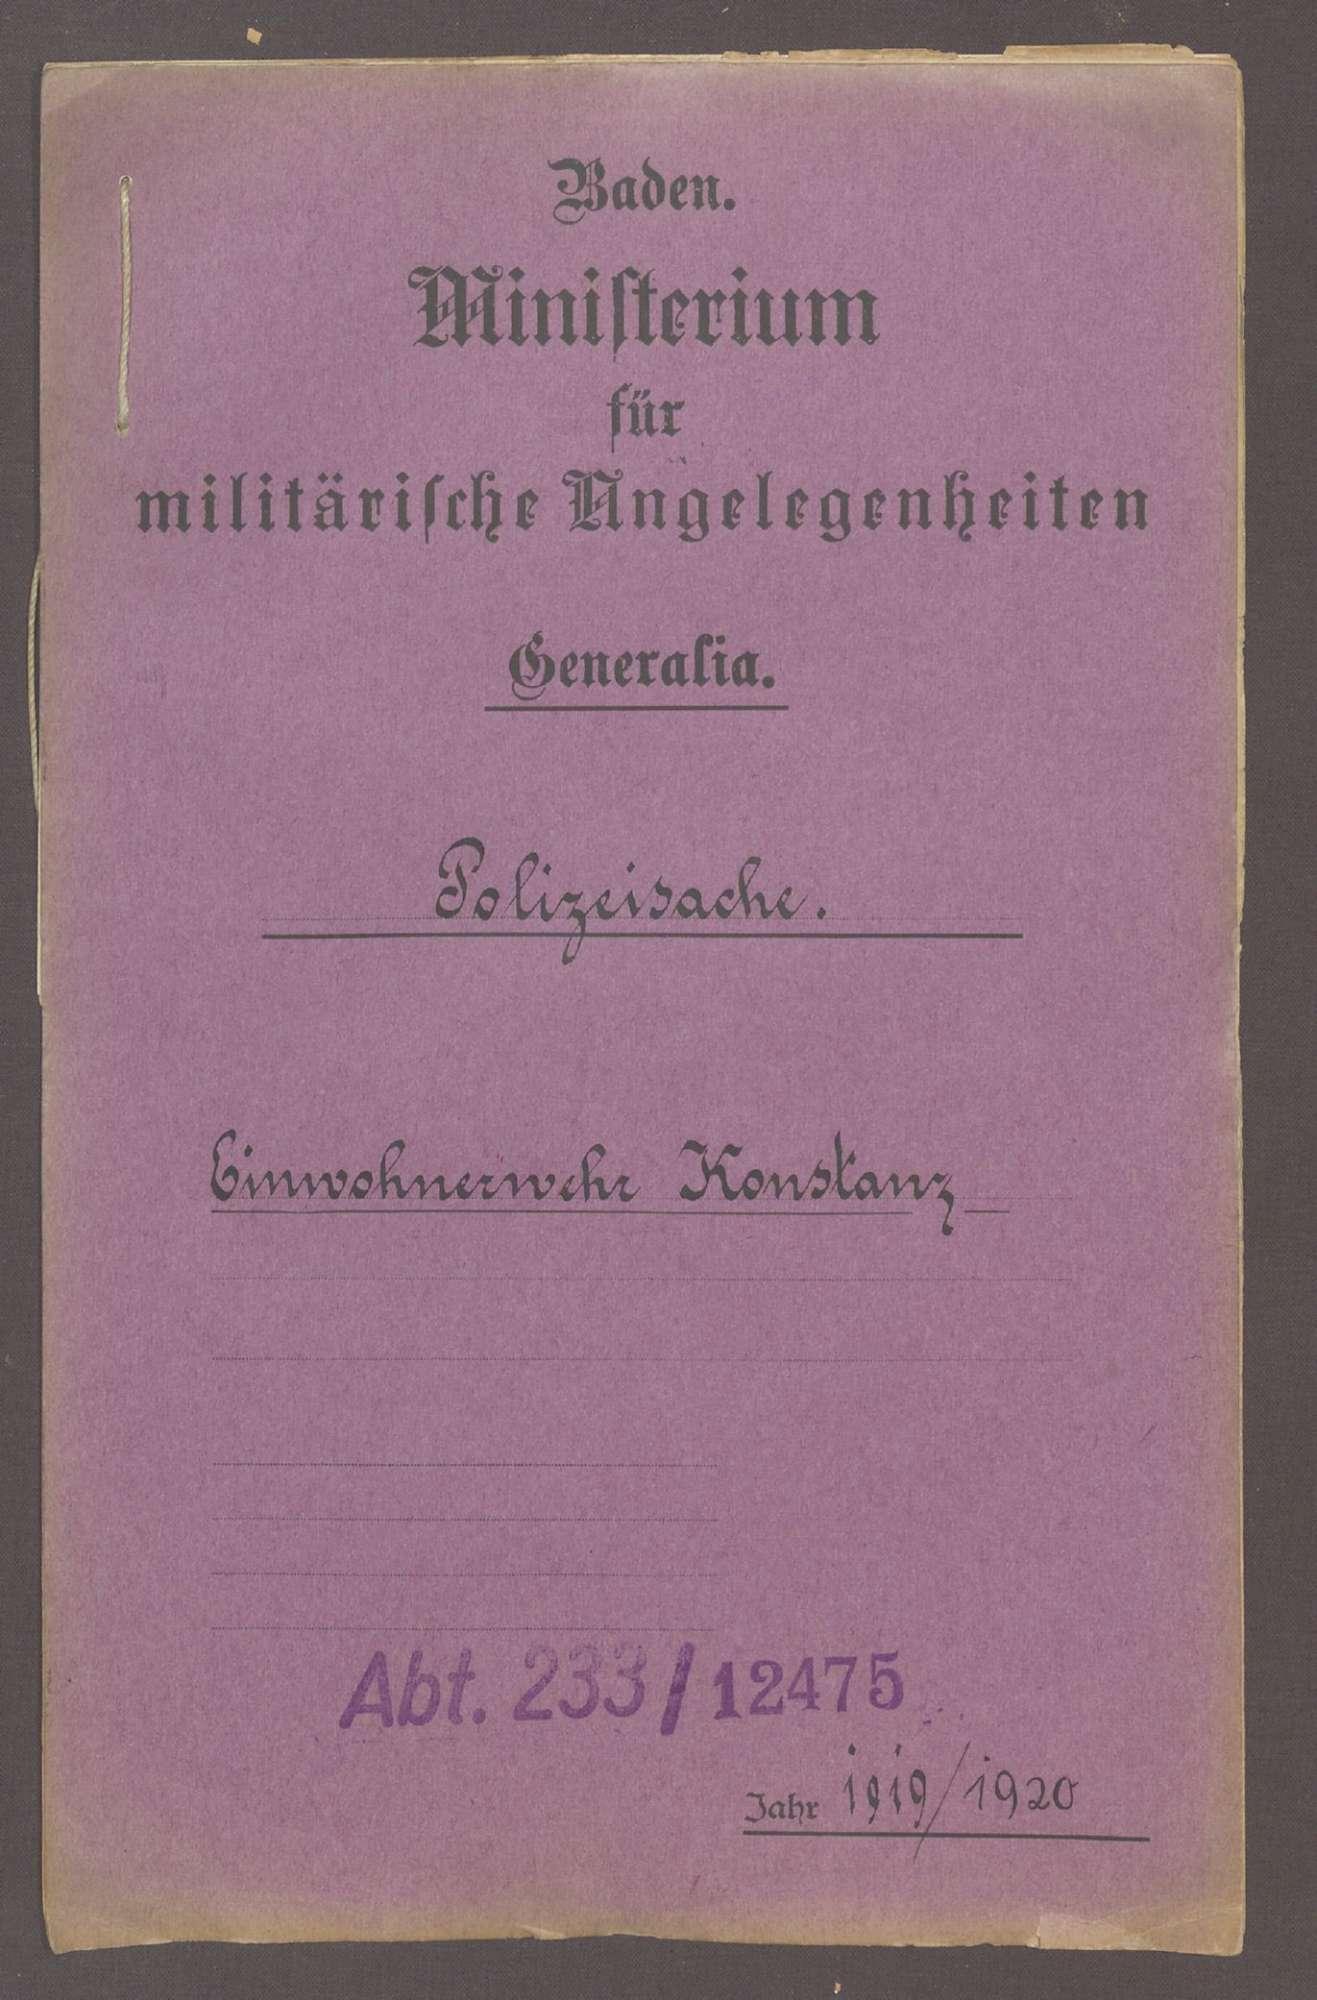 Die Konstanzer Einwohnerwehr, Bild 1